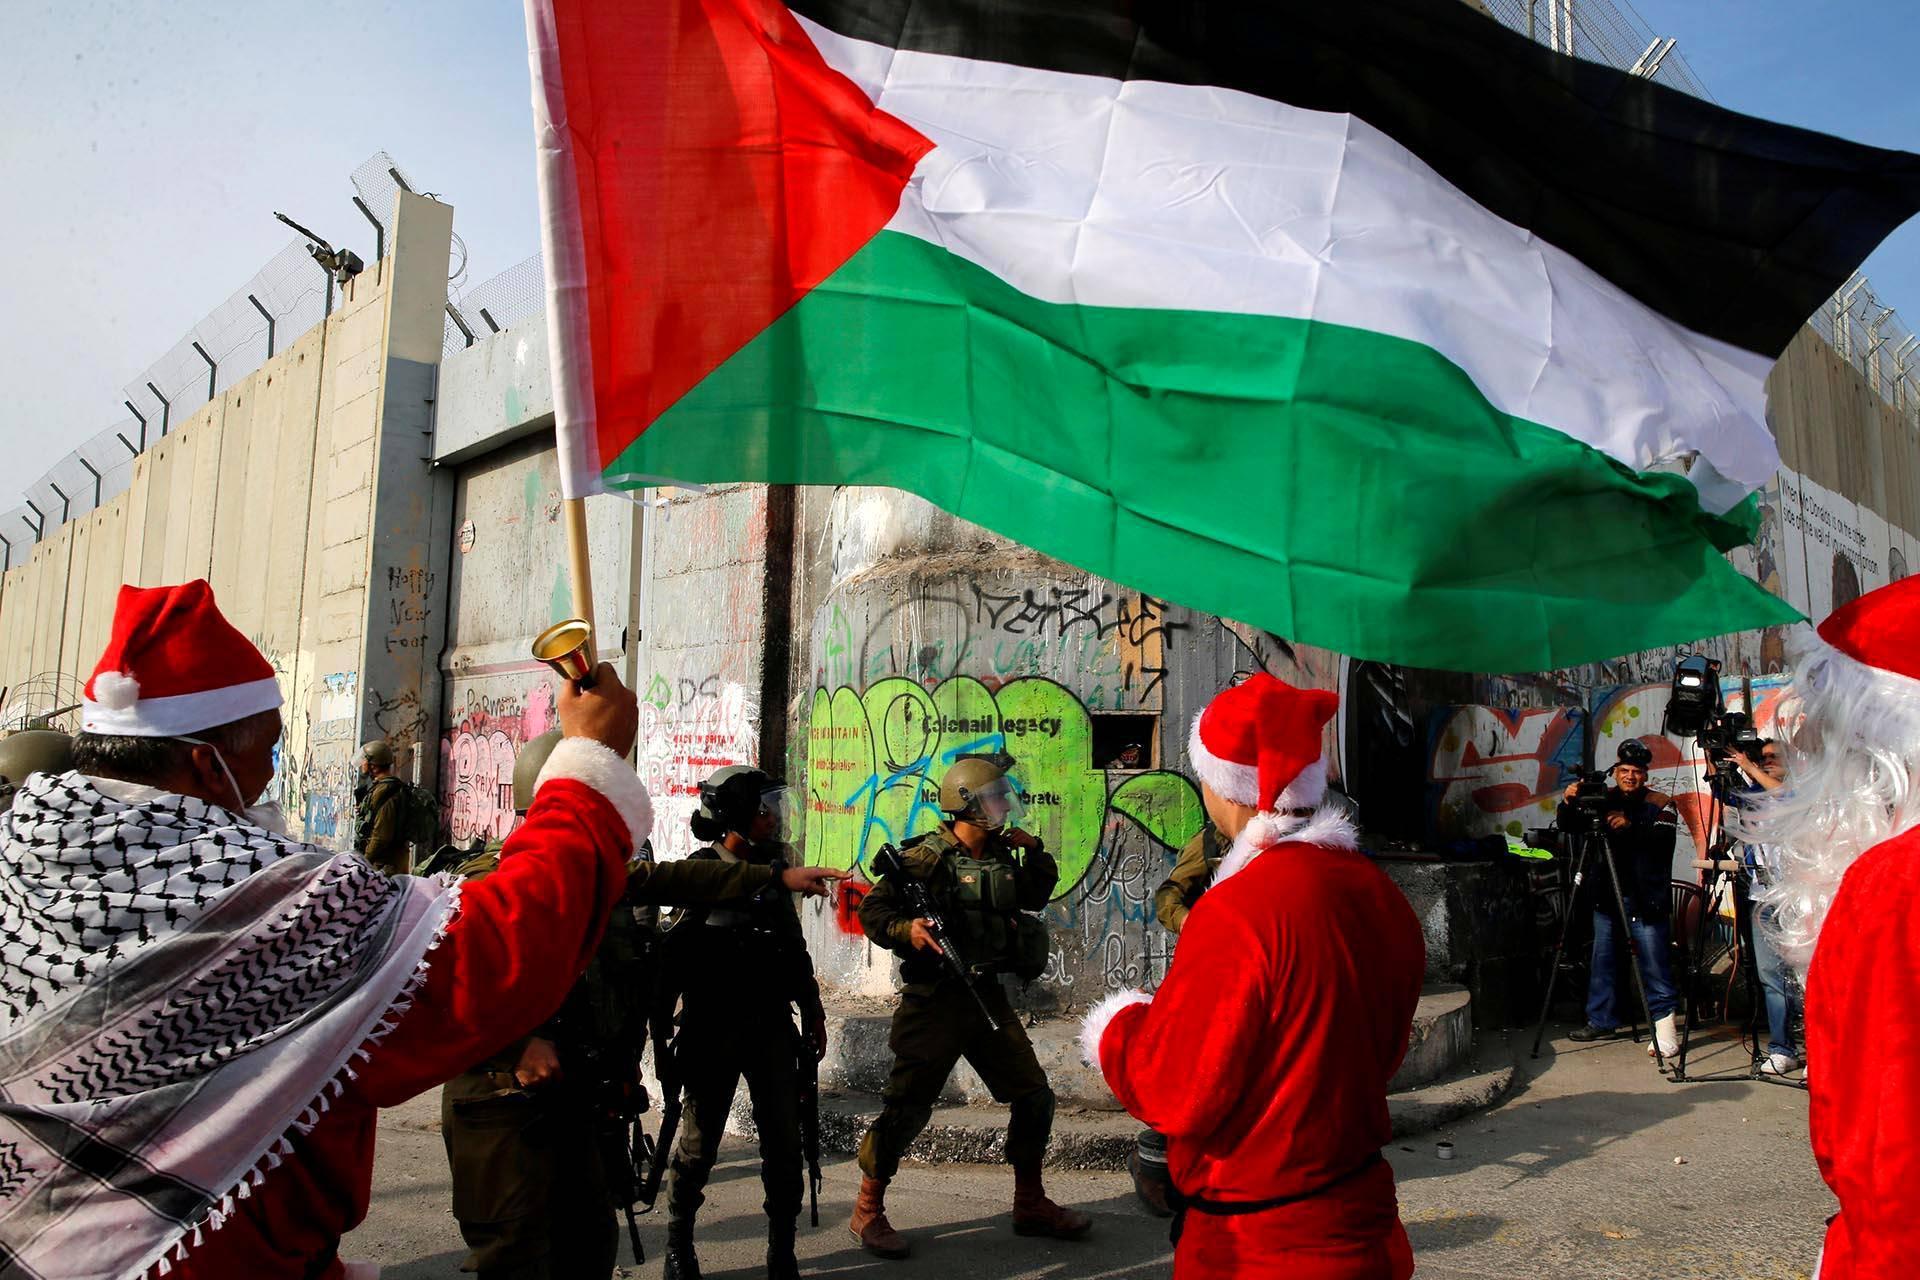 Joulupukit osallistuivat protestimarssille Länsirannan Beetlehemissä.